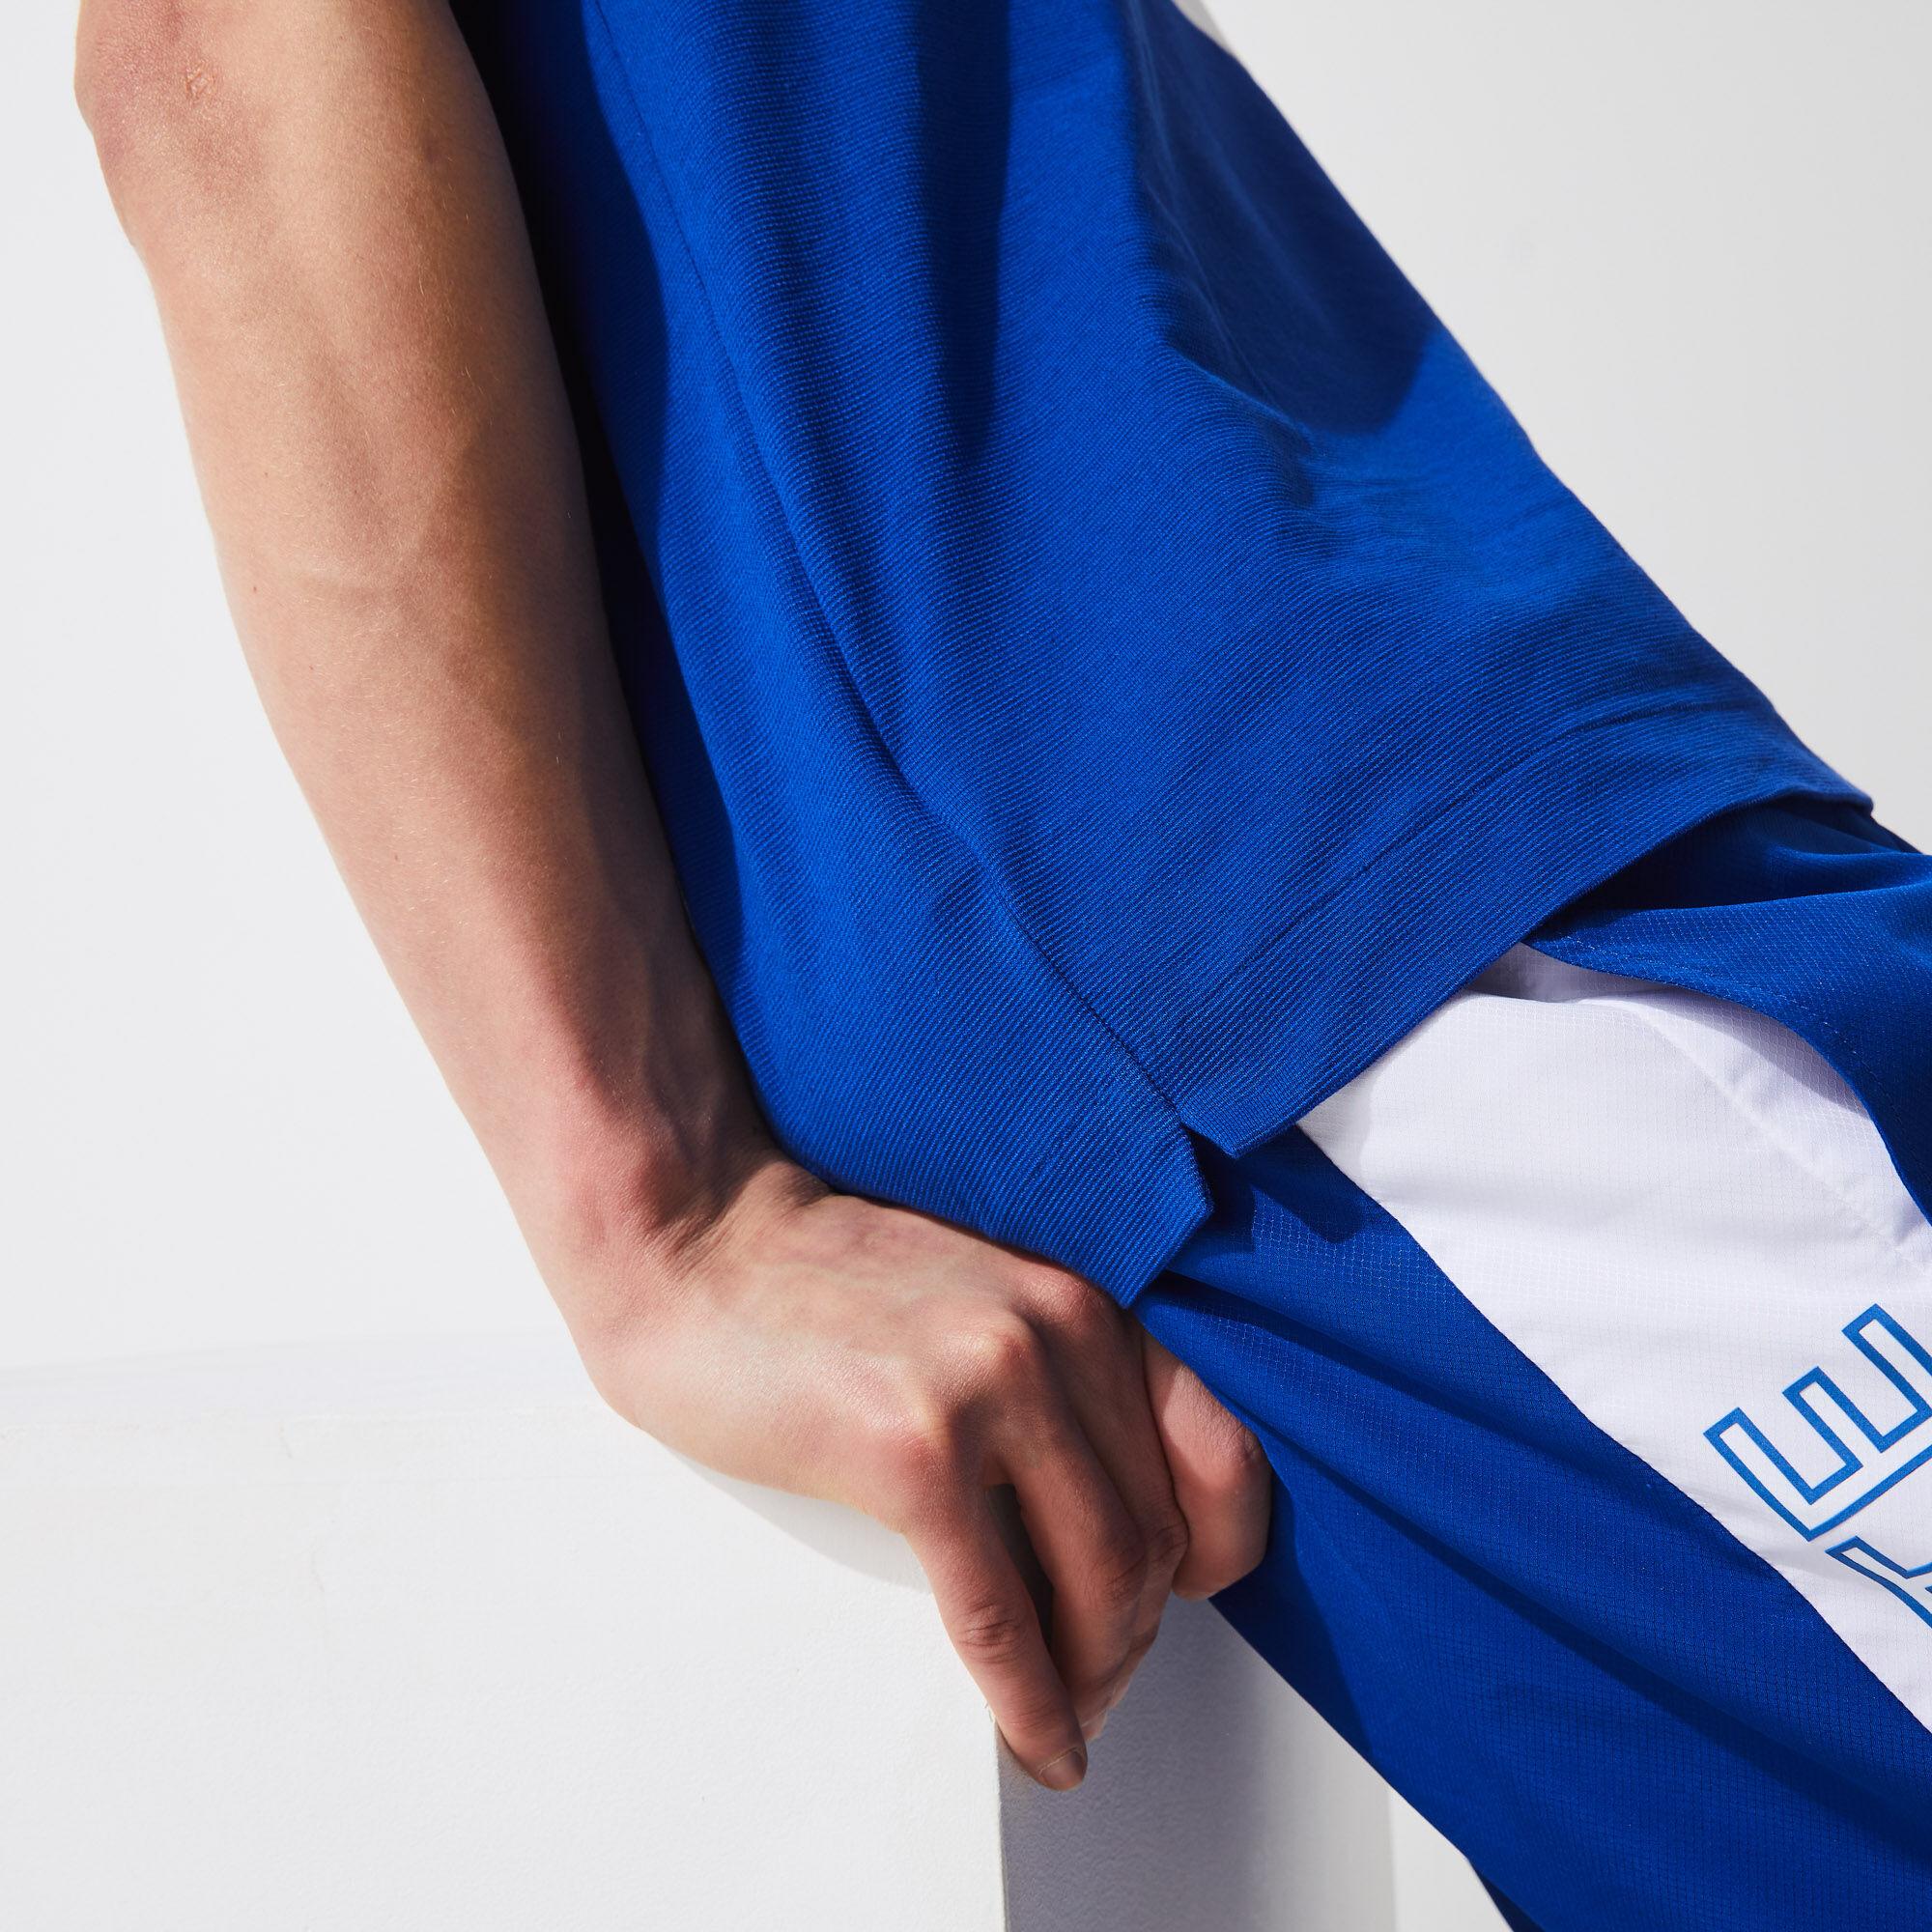 قميص بولو للتنس للرجال فائق الخفة مع كتل لونية مجموعة Lacoste SPORT